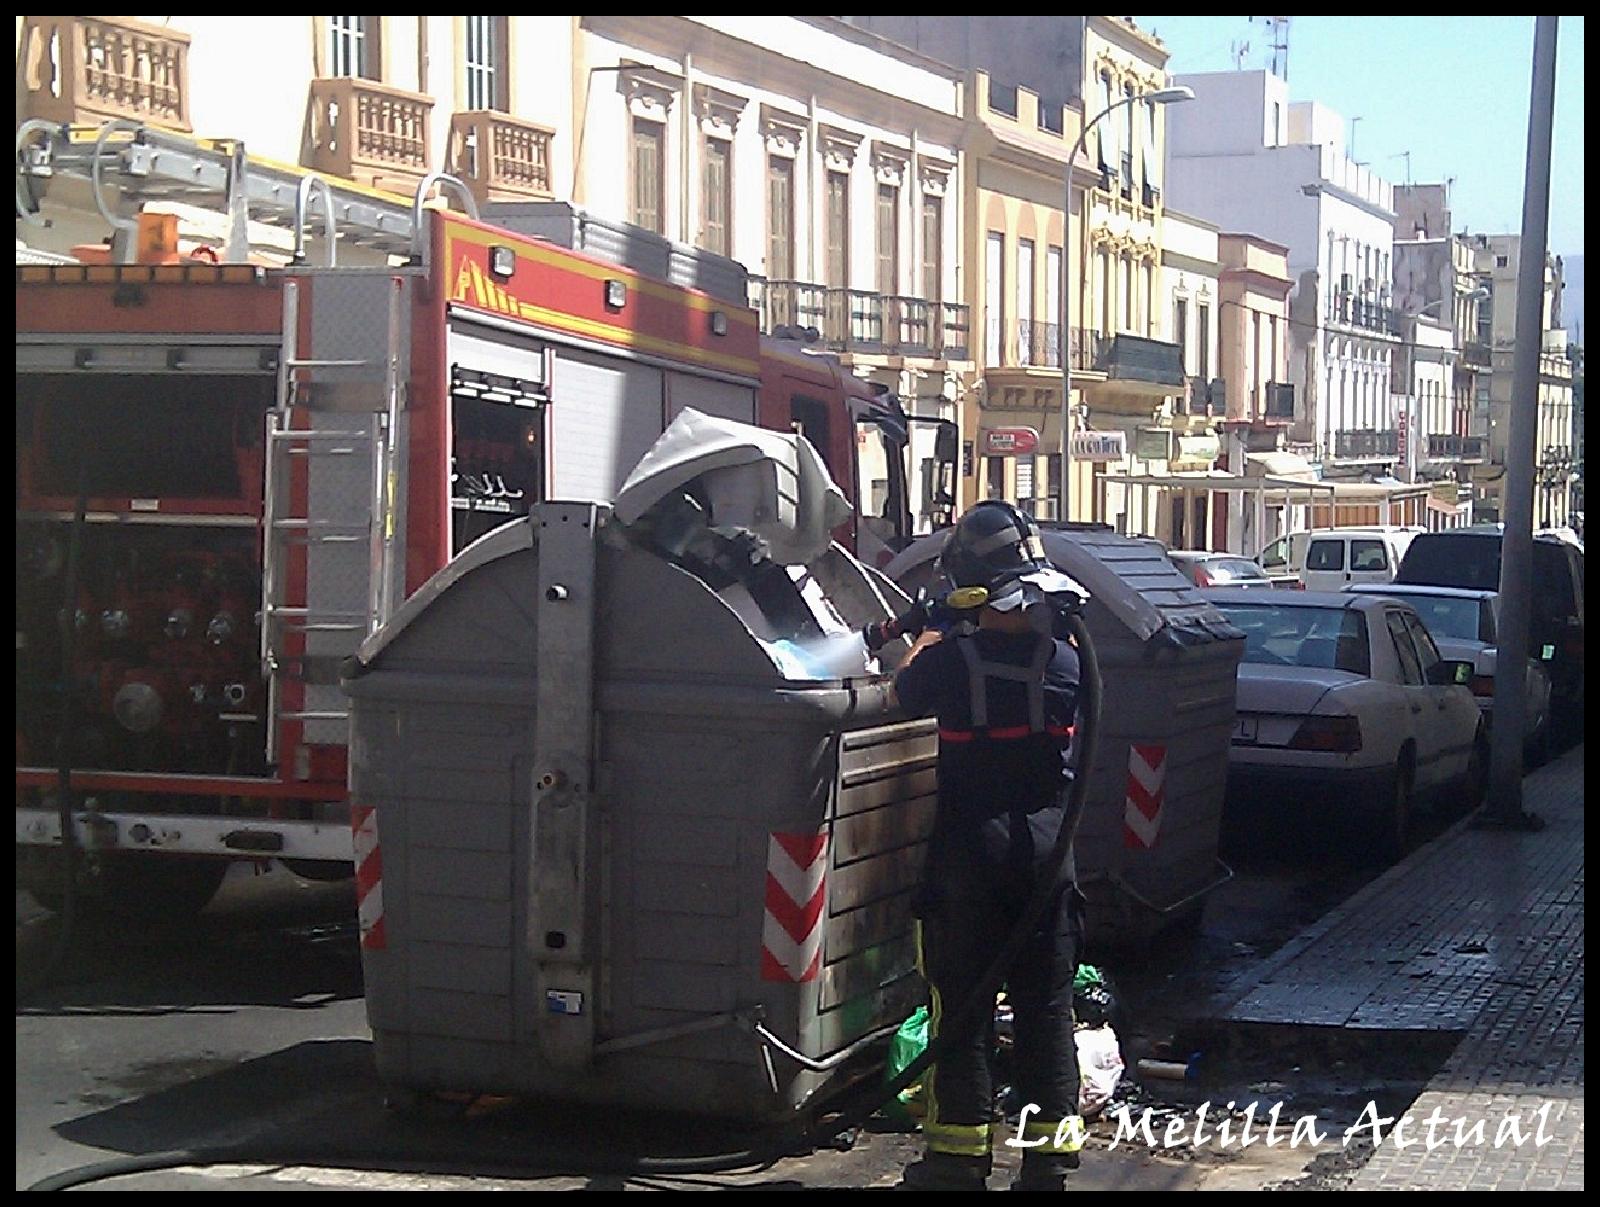 La melilla actual incendio contenedor en la calle castelar for Calle castelar